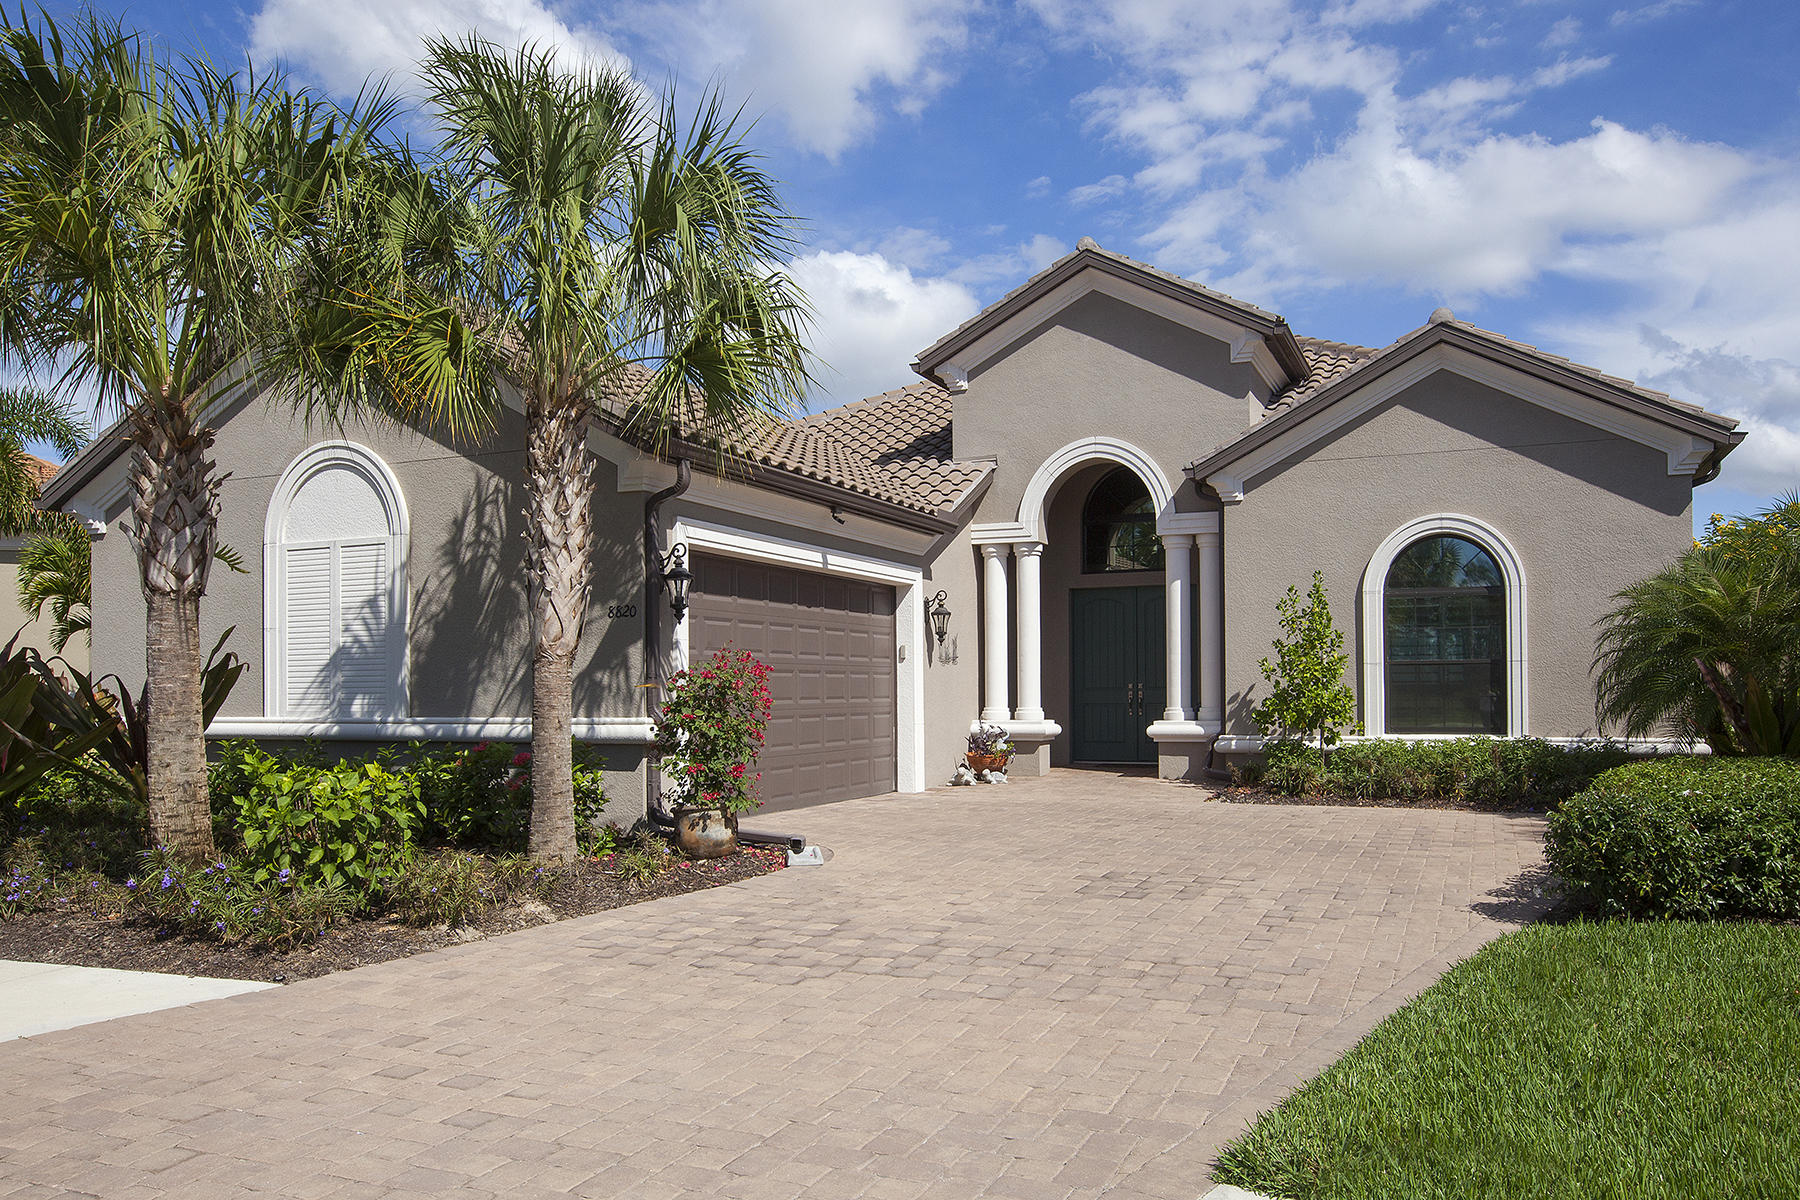 단독 가정 주택 용 매매 에 ESPLANADE 8820 Savona Ct Naples, 플로리다, 34119 미국